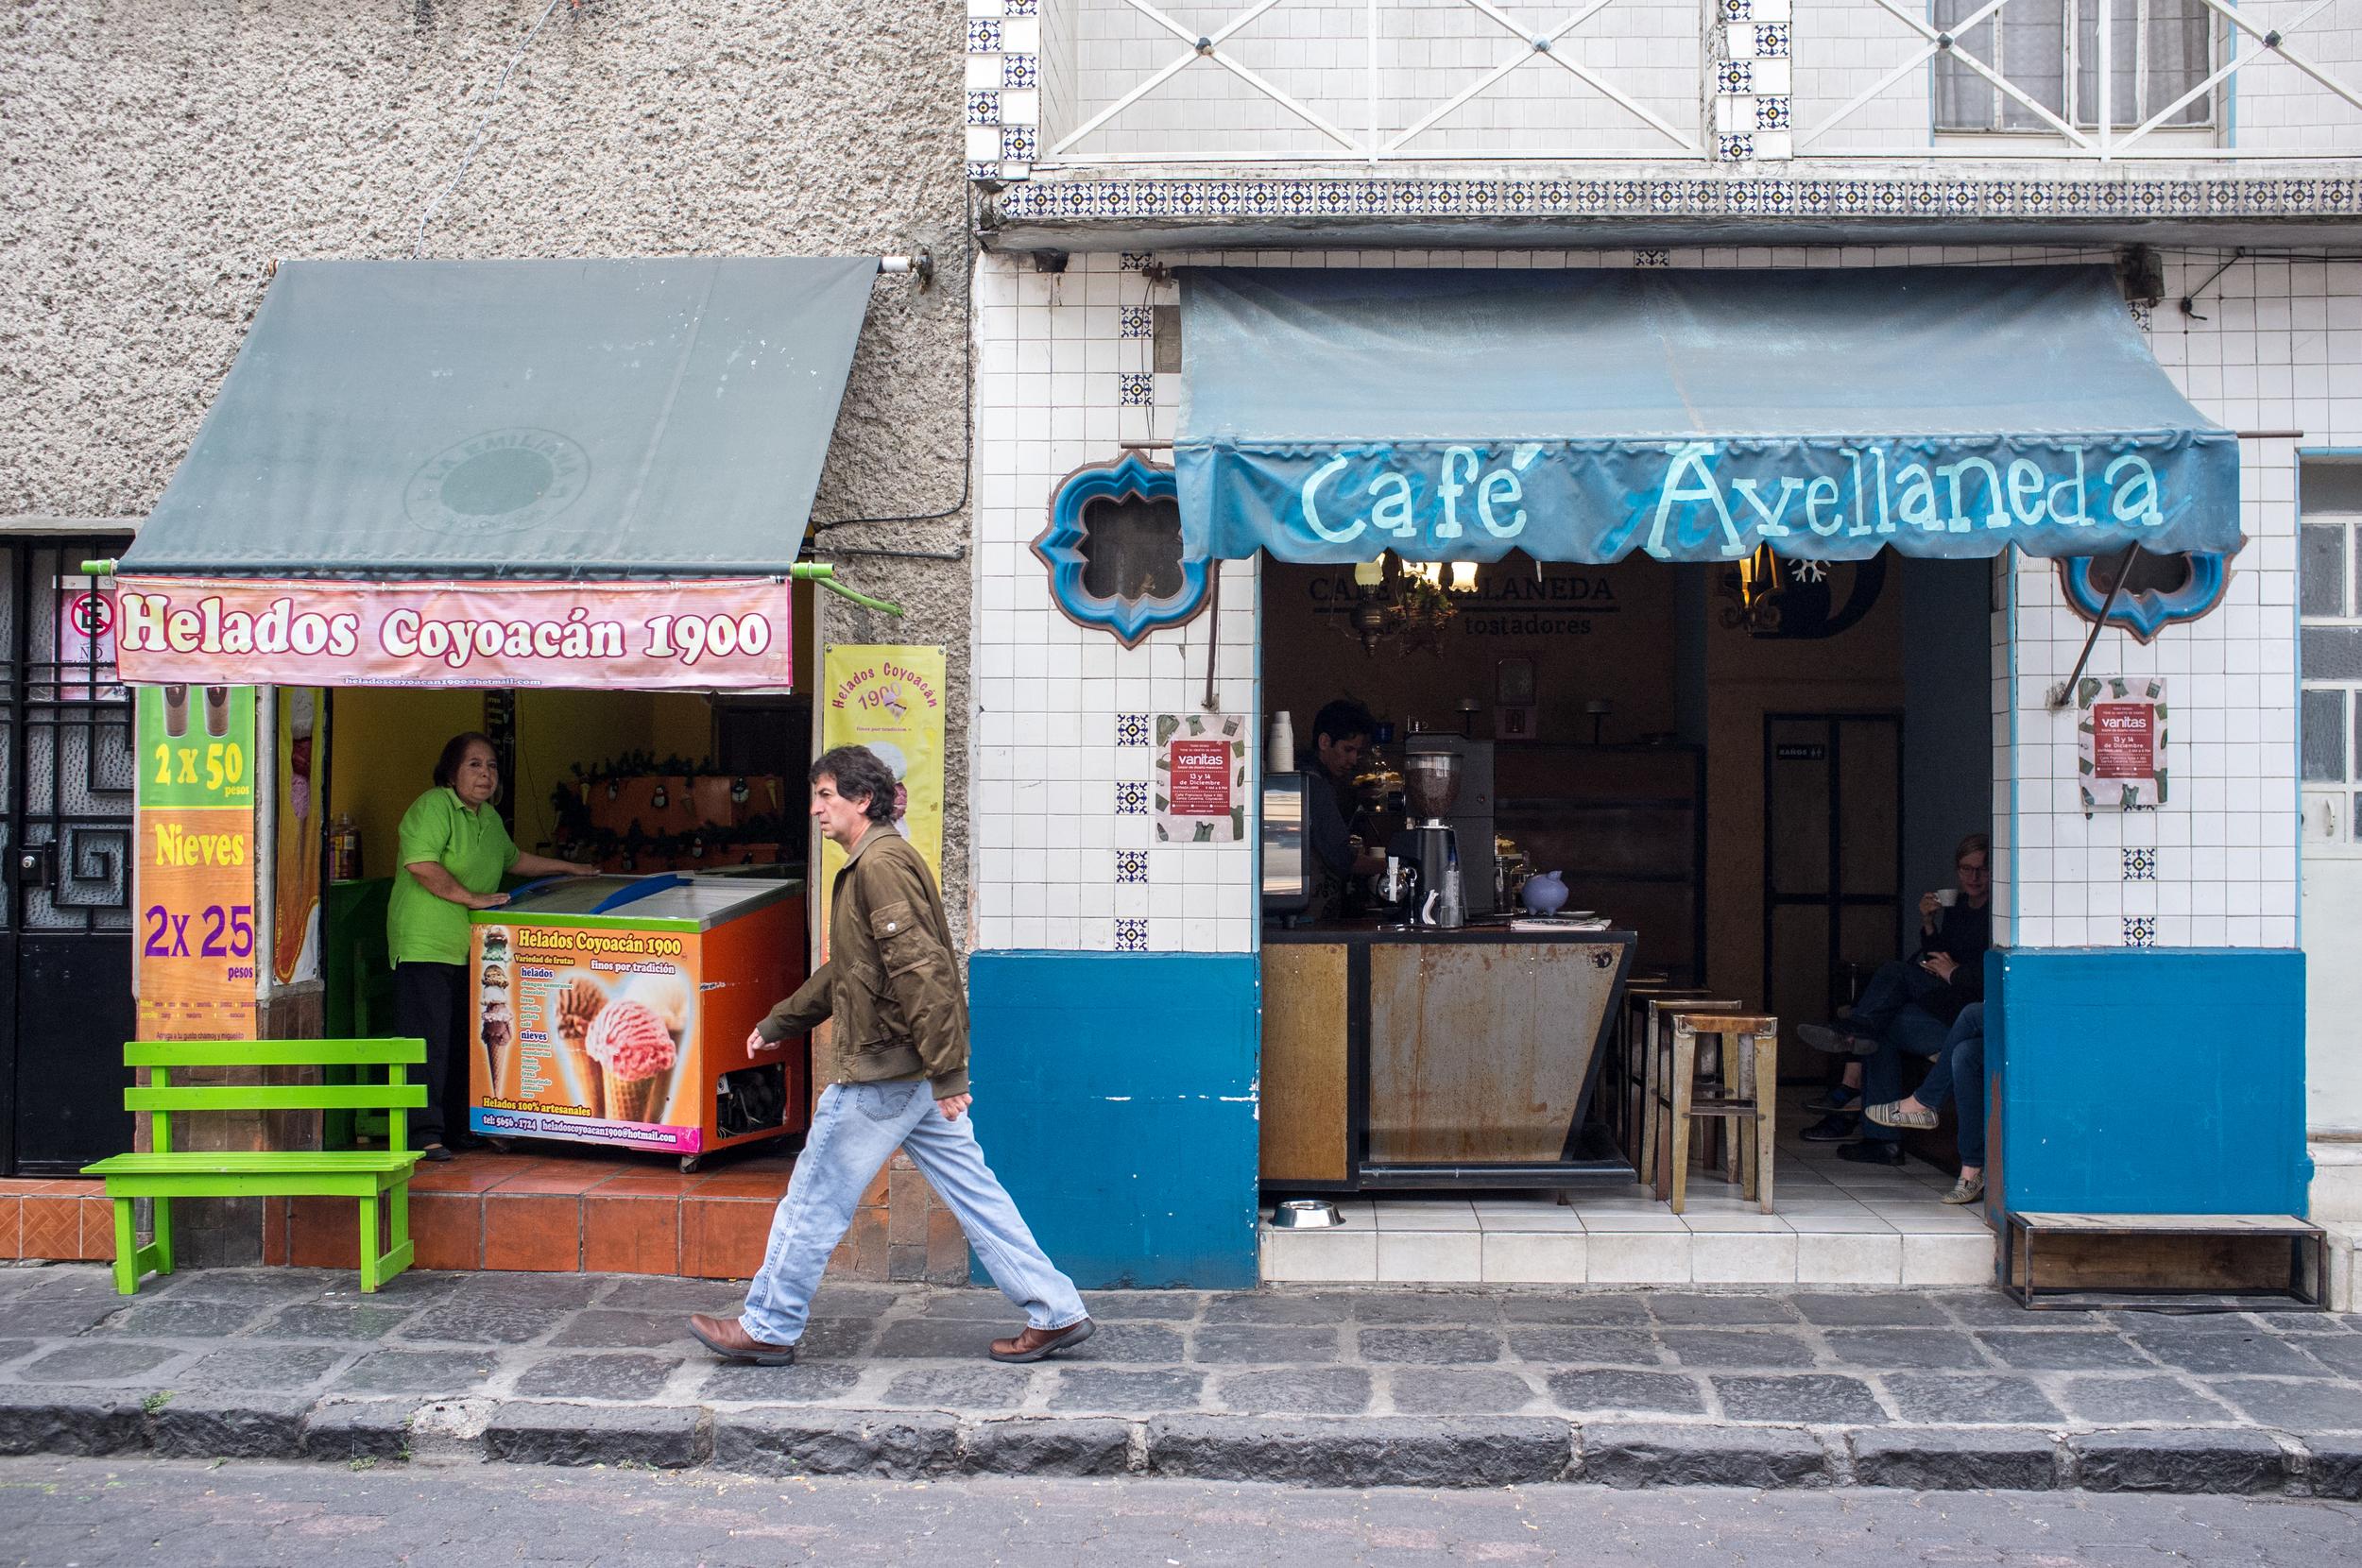 Café Avellaneda in Coyoacan